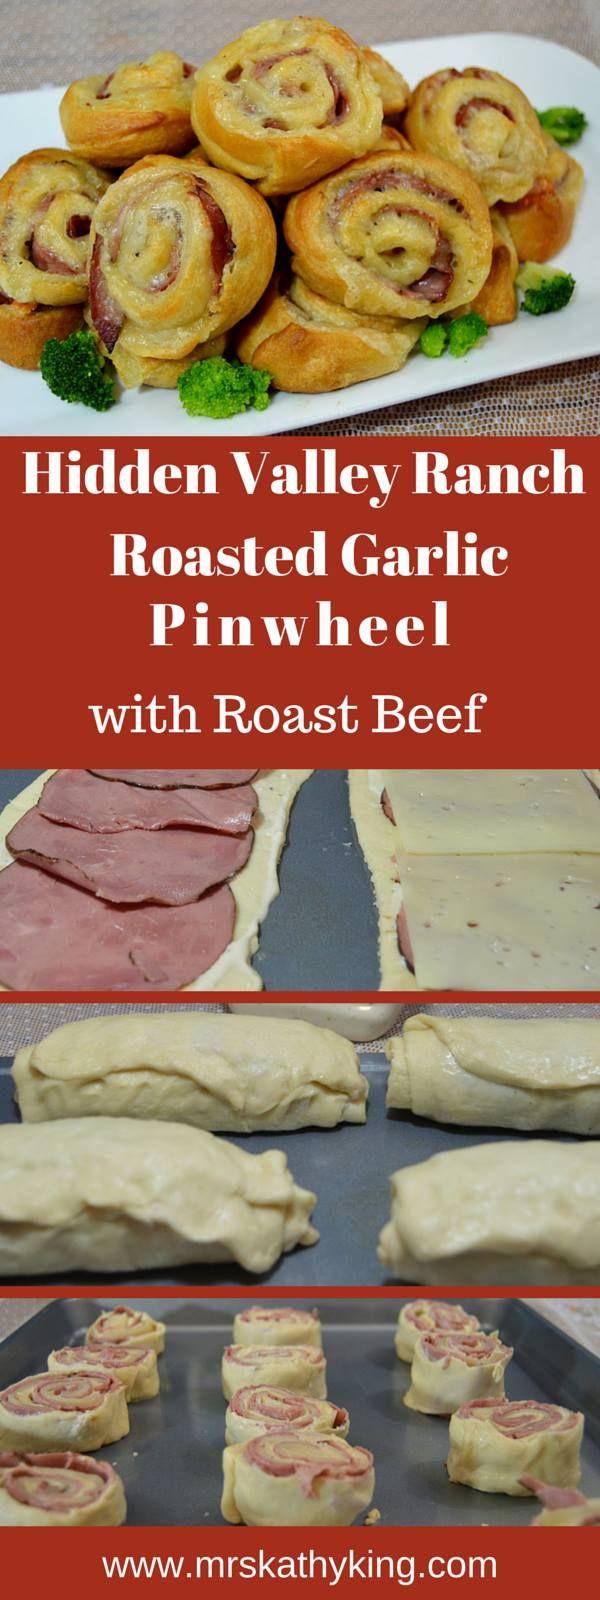 Roast Beef Pinwheels recipe using @HiddenValley Ranch Roasted Garlic #FavRanchFlav (spon)